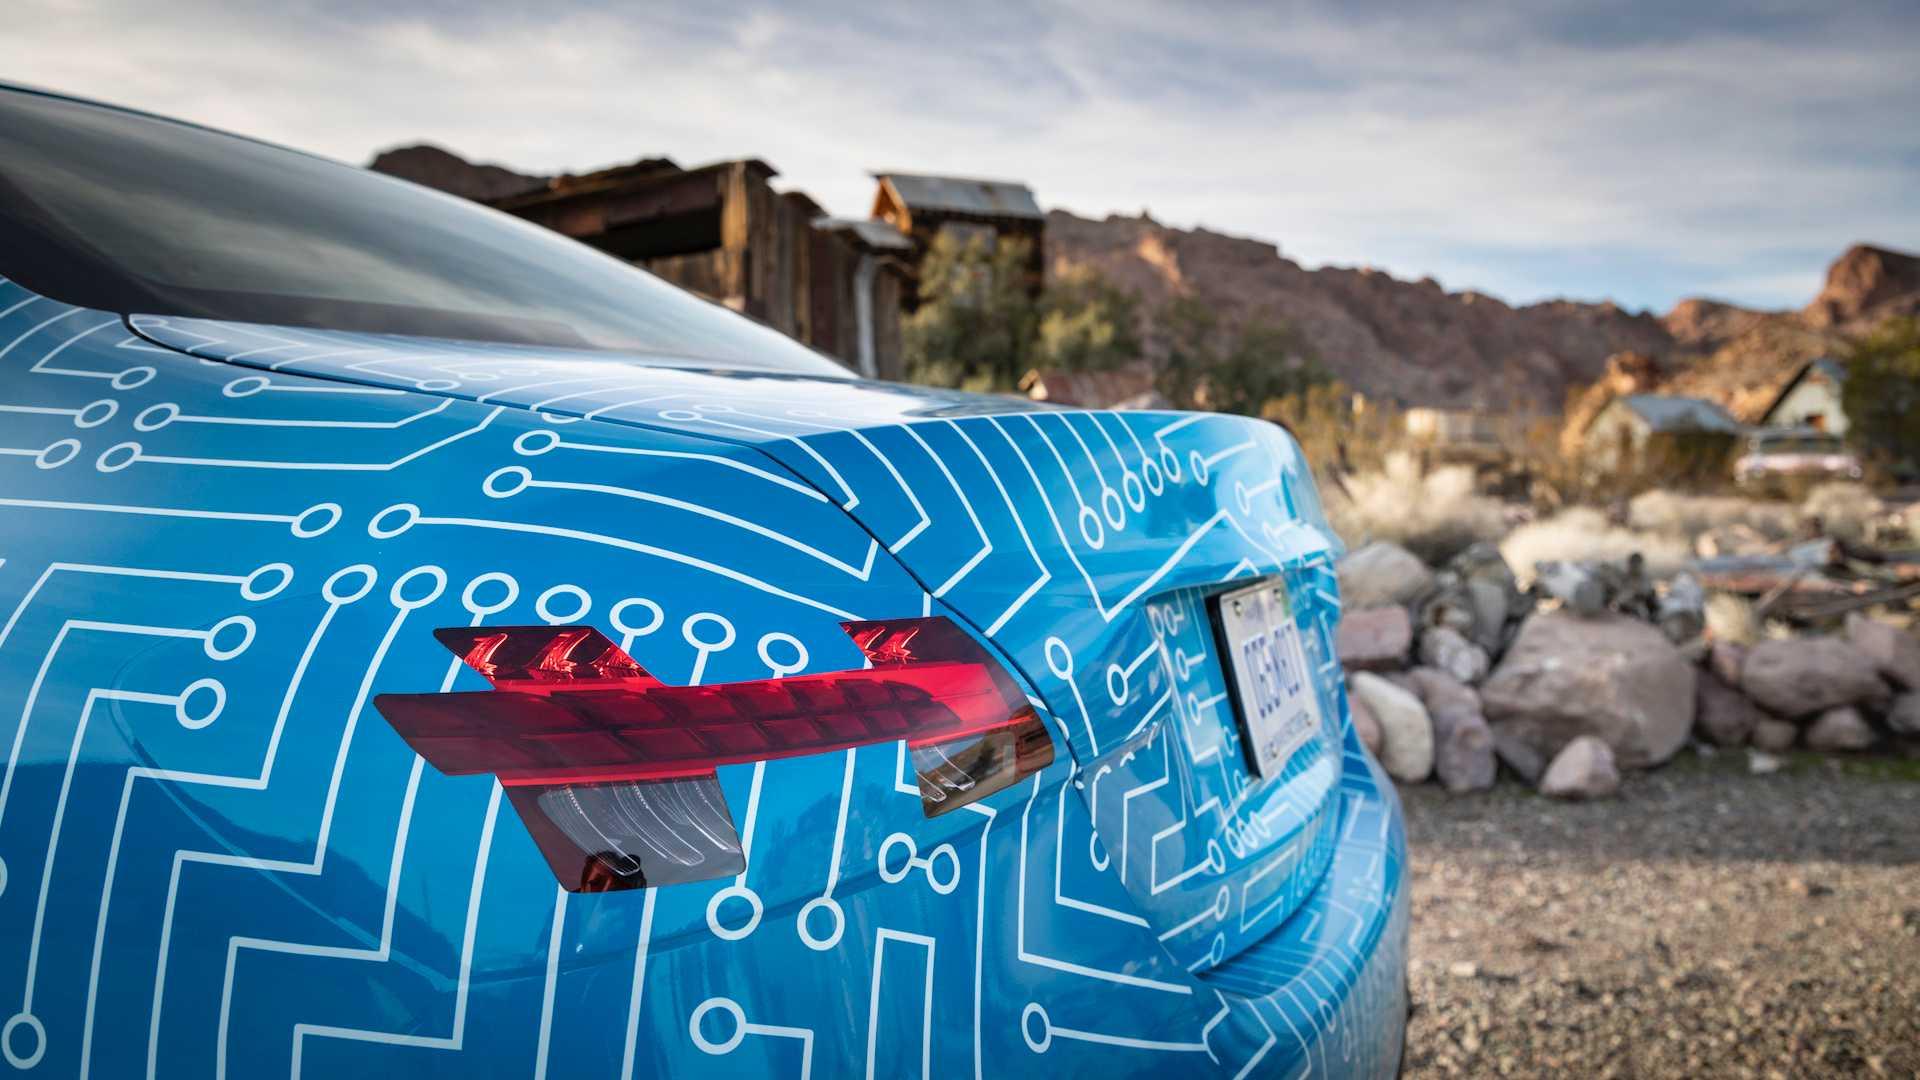 Hé lộ hình ảnh Mercedes-Benz E-Class facelift, thiết kế và động cơ mới - 12